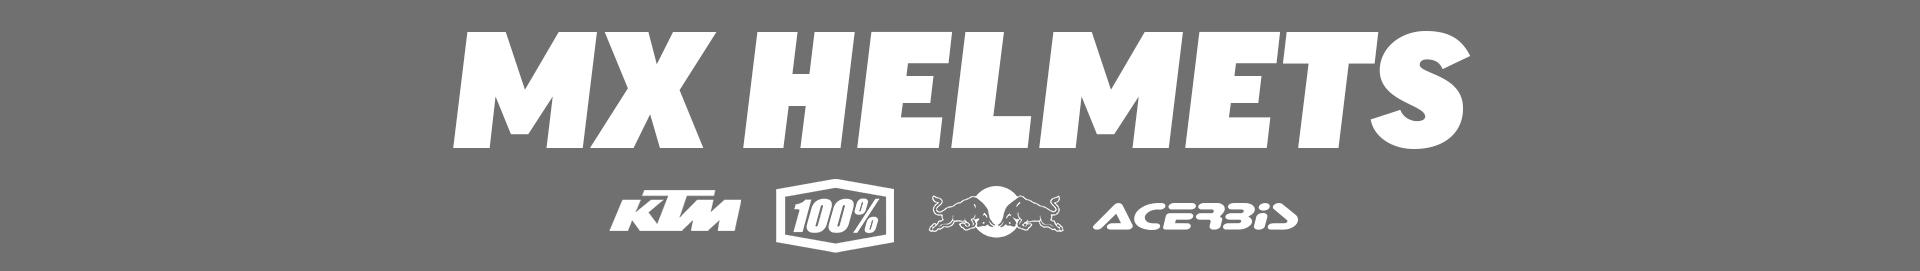 category-banner-mx-helmets.jpg